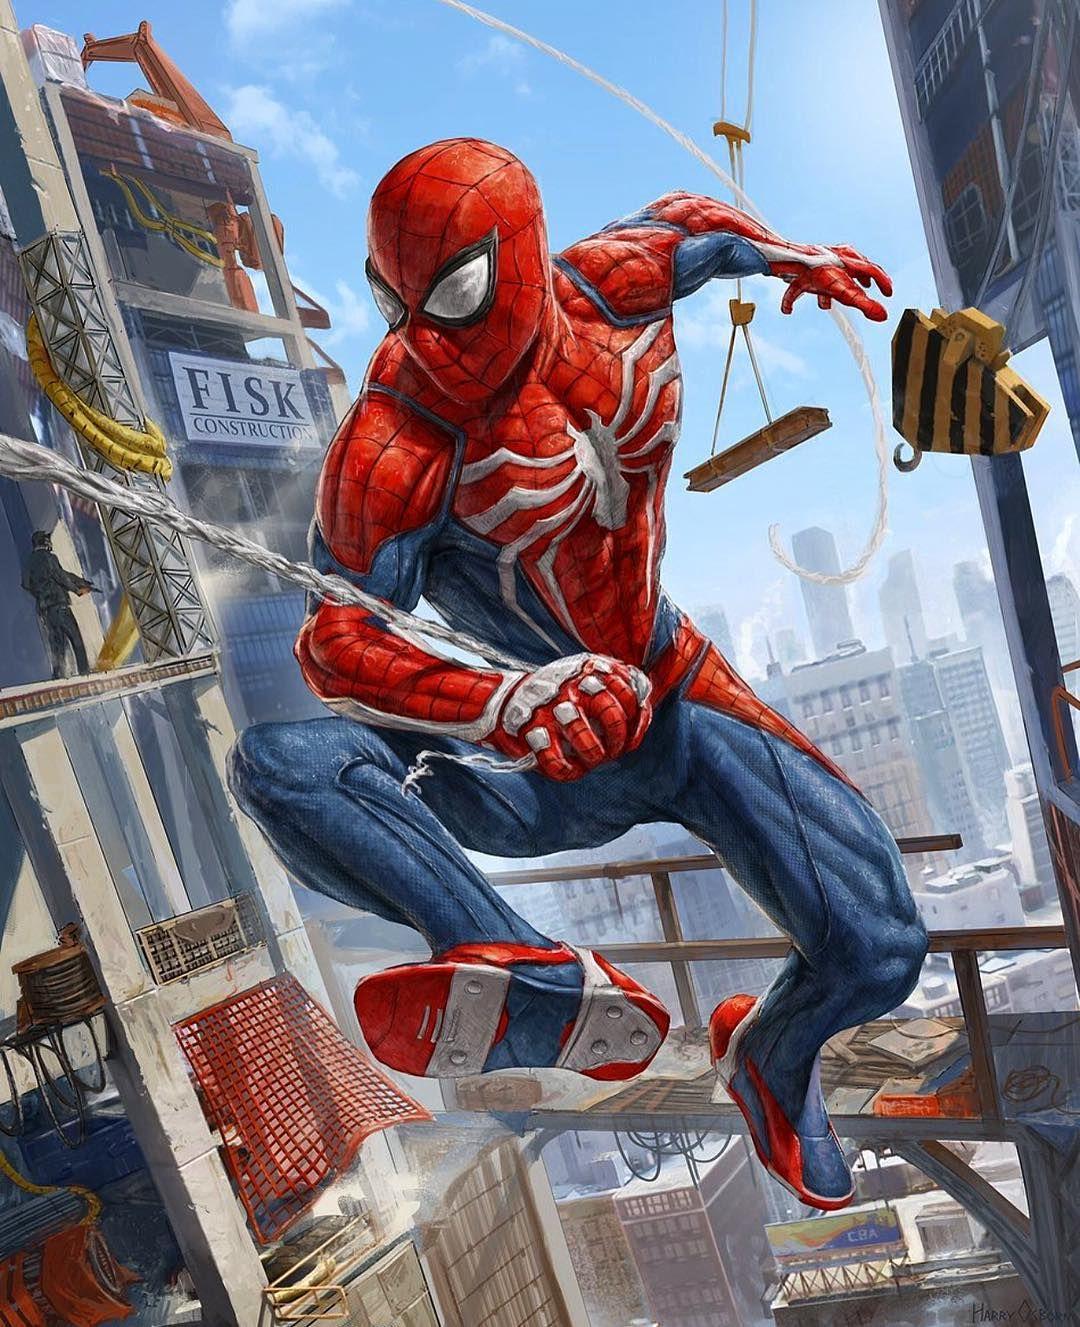 Online Spiderman Games